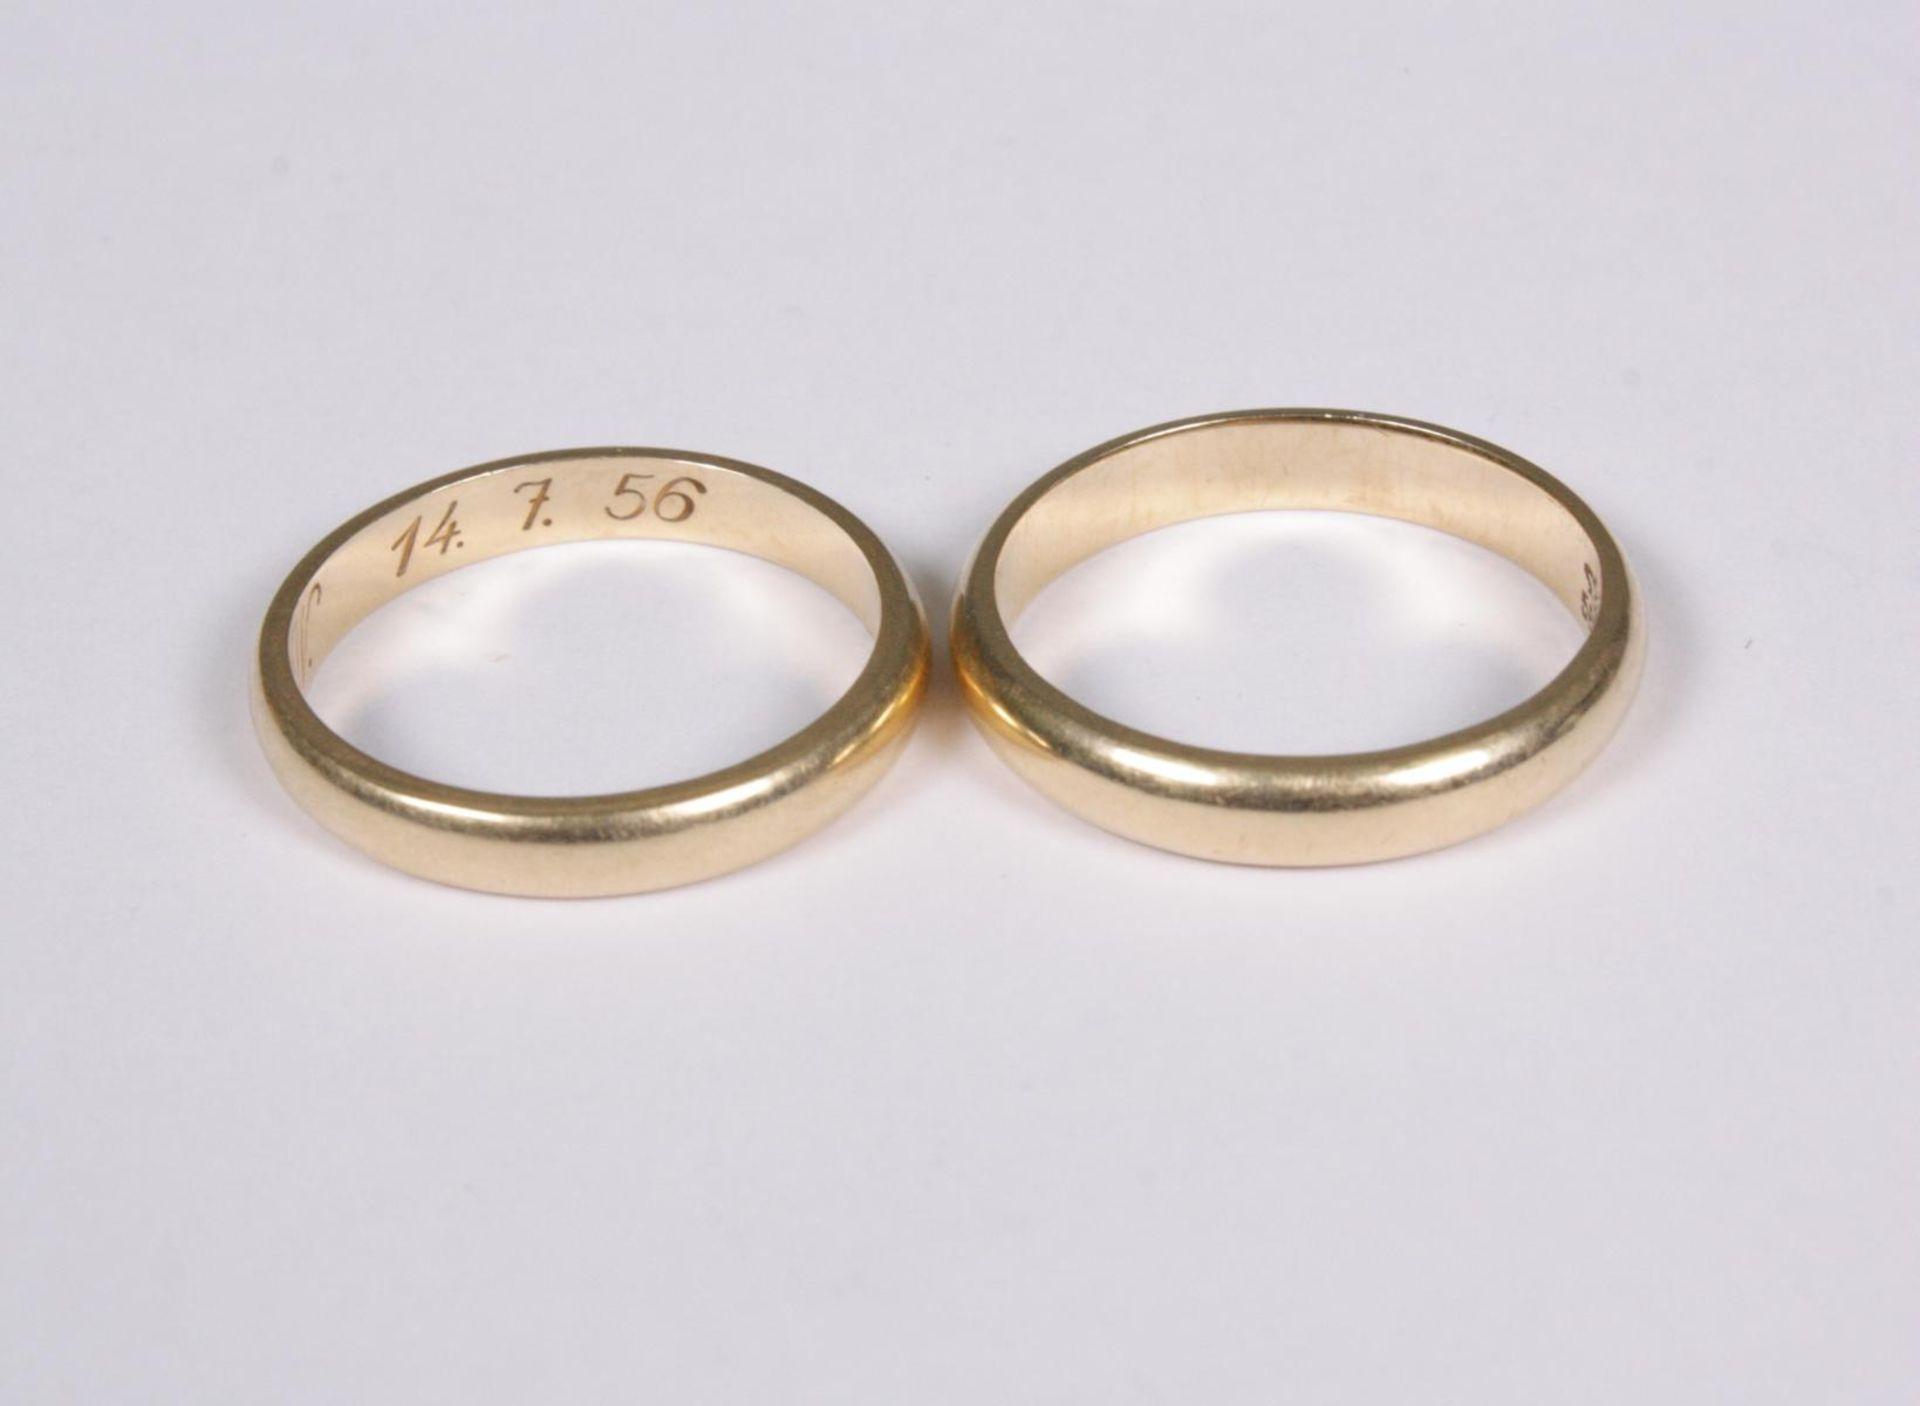 Paar Eheringe, 14 Karat Gelbgold - Bild 2 aus 2